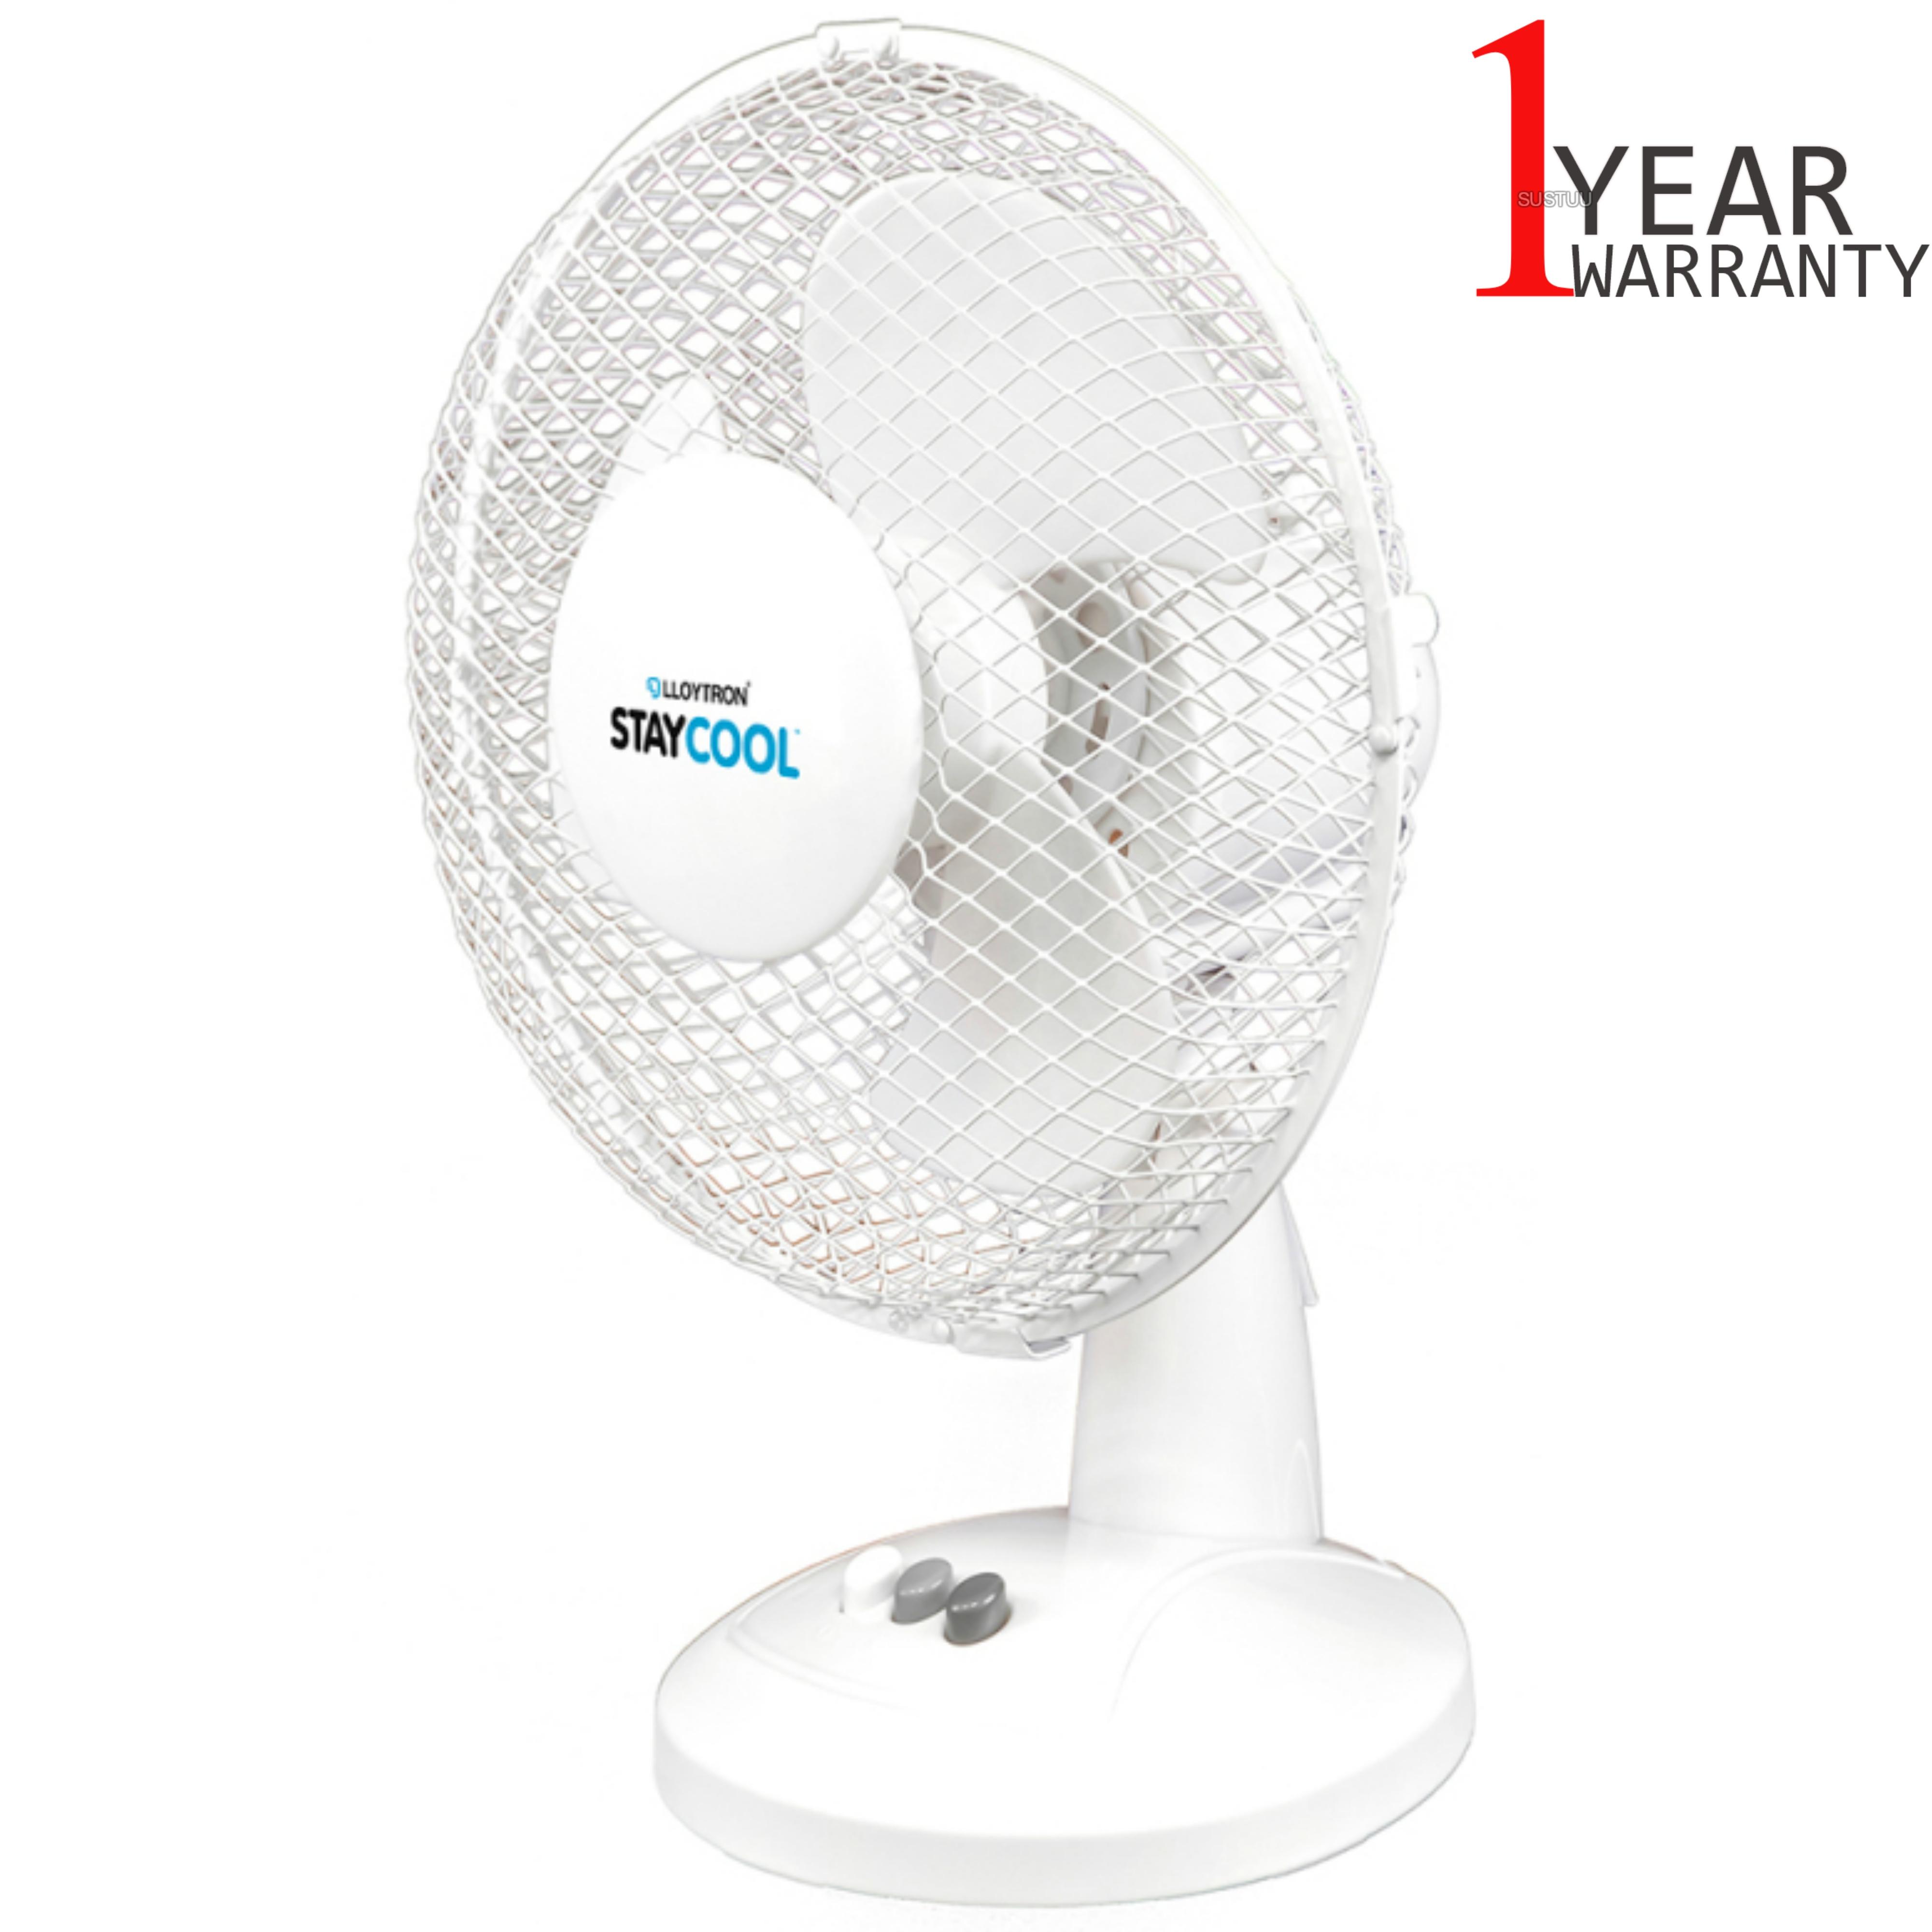 Lloytron Stay Cool 9'' 30W Desk Fan | Home Office Bedroom Use | 90°Oscillation | White